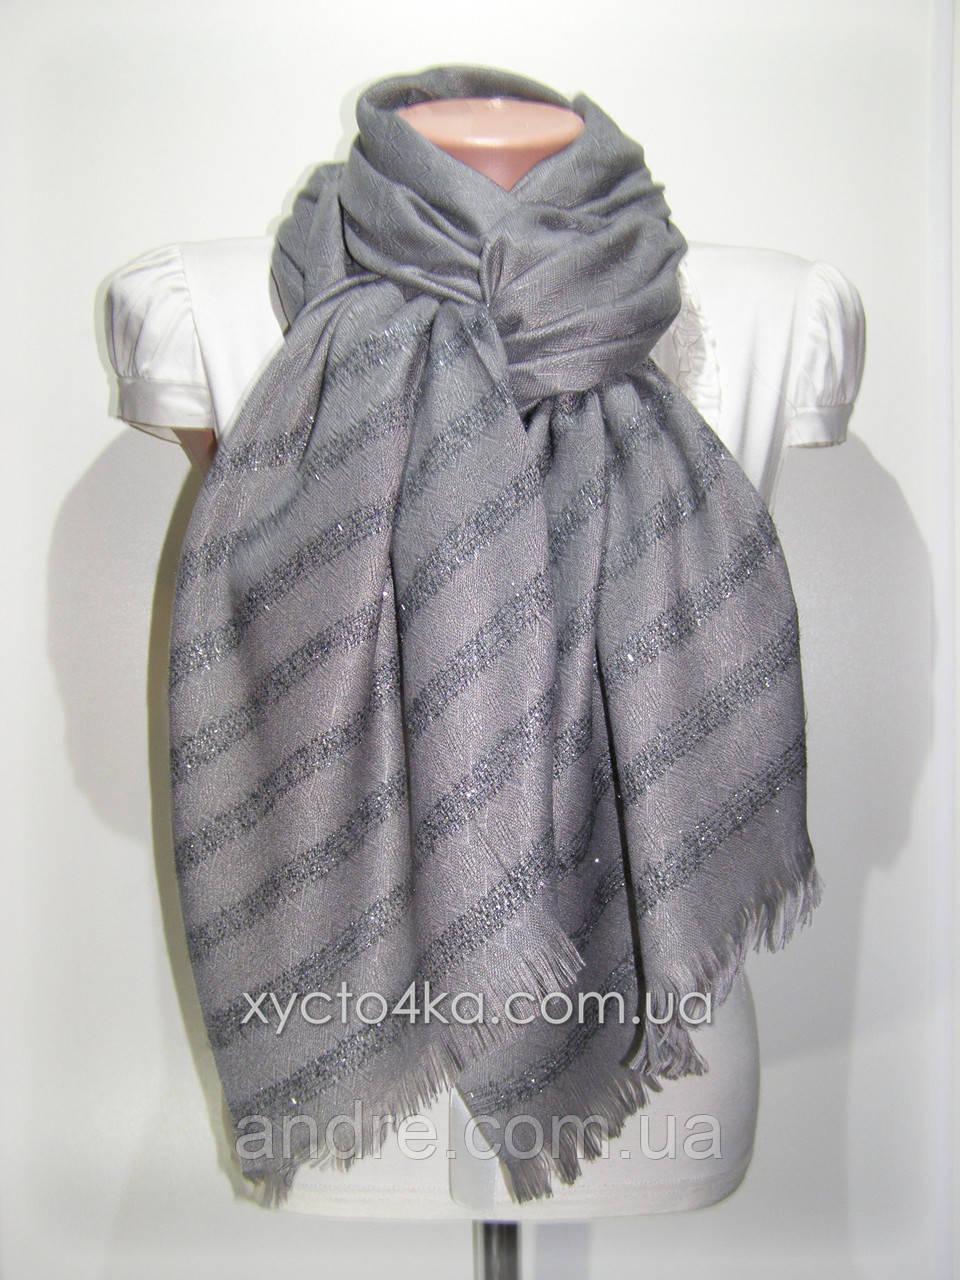 Однотонный шарф с люрексом Моника, серый